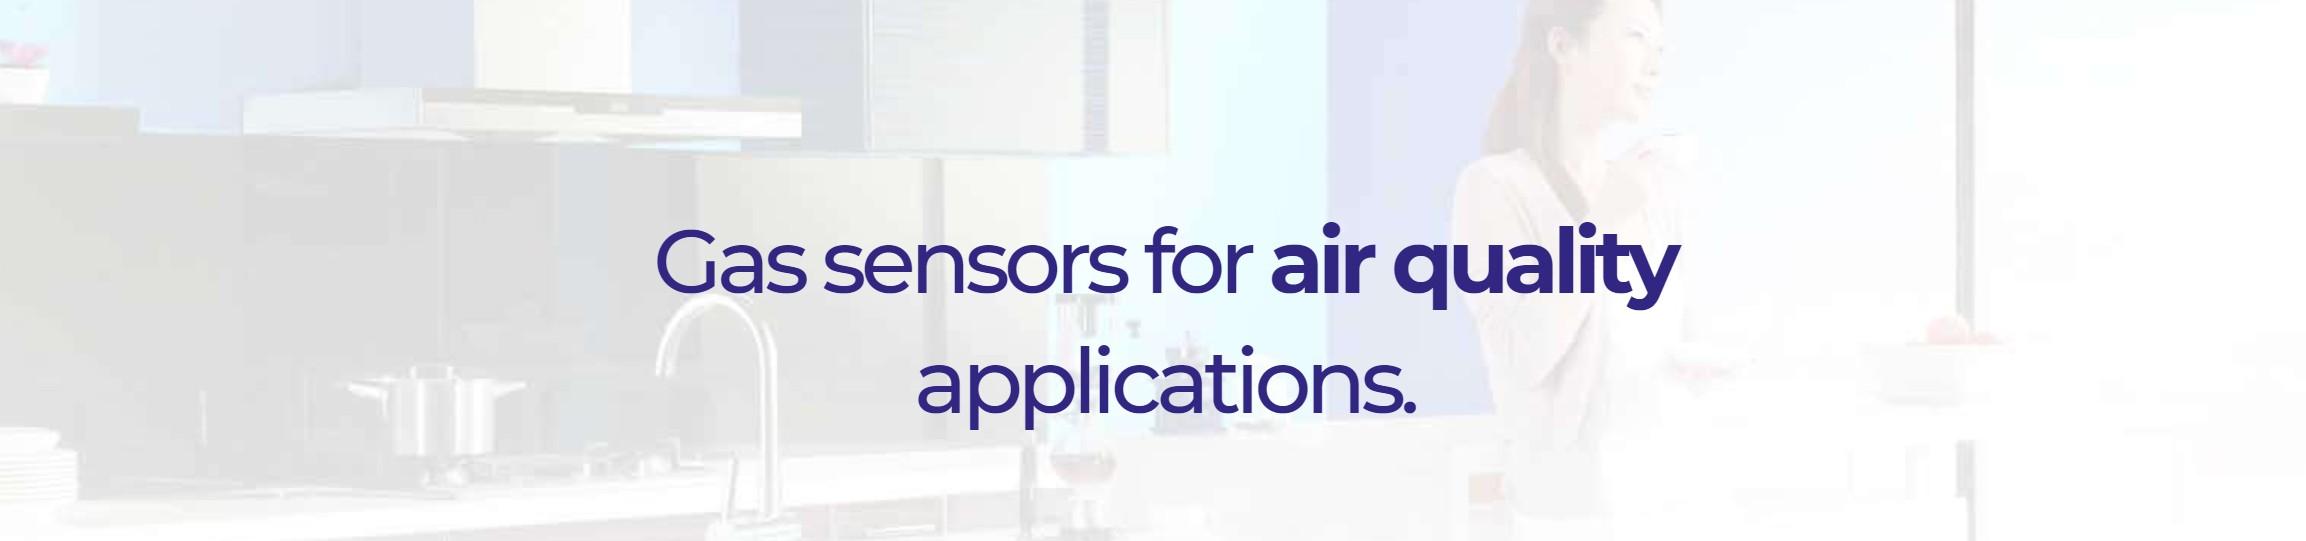 EC Sense - Easy Gas Sensors  | LinkedIn